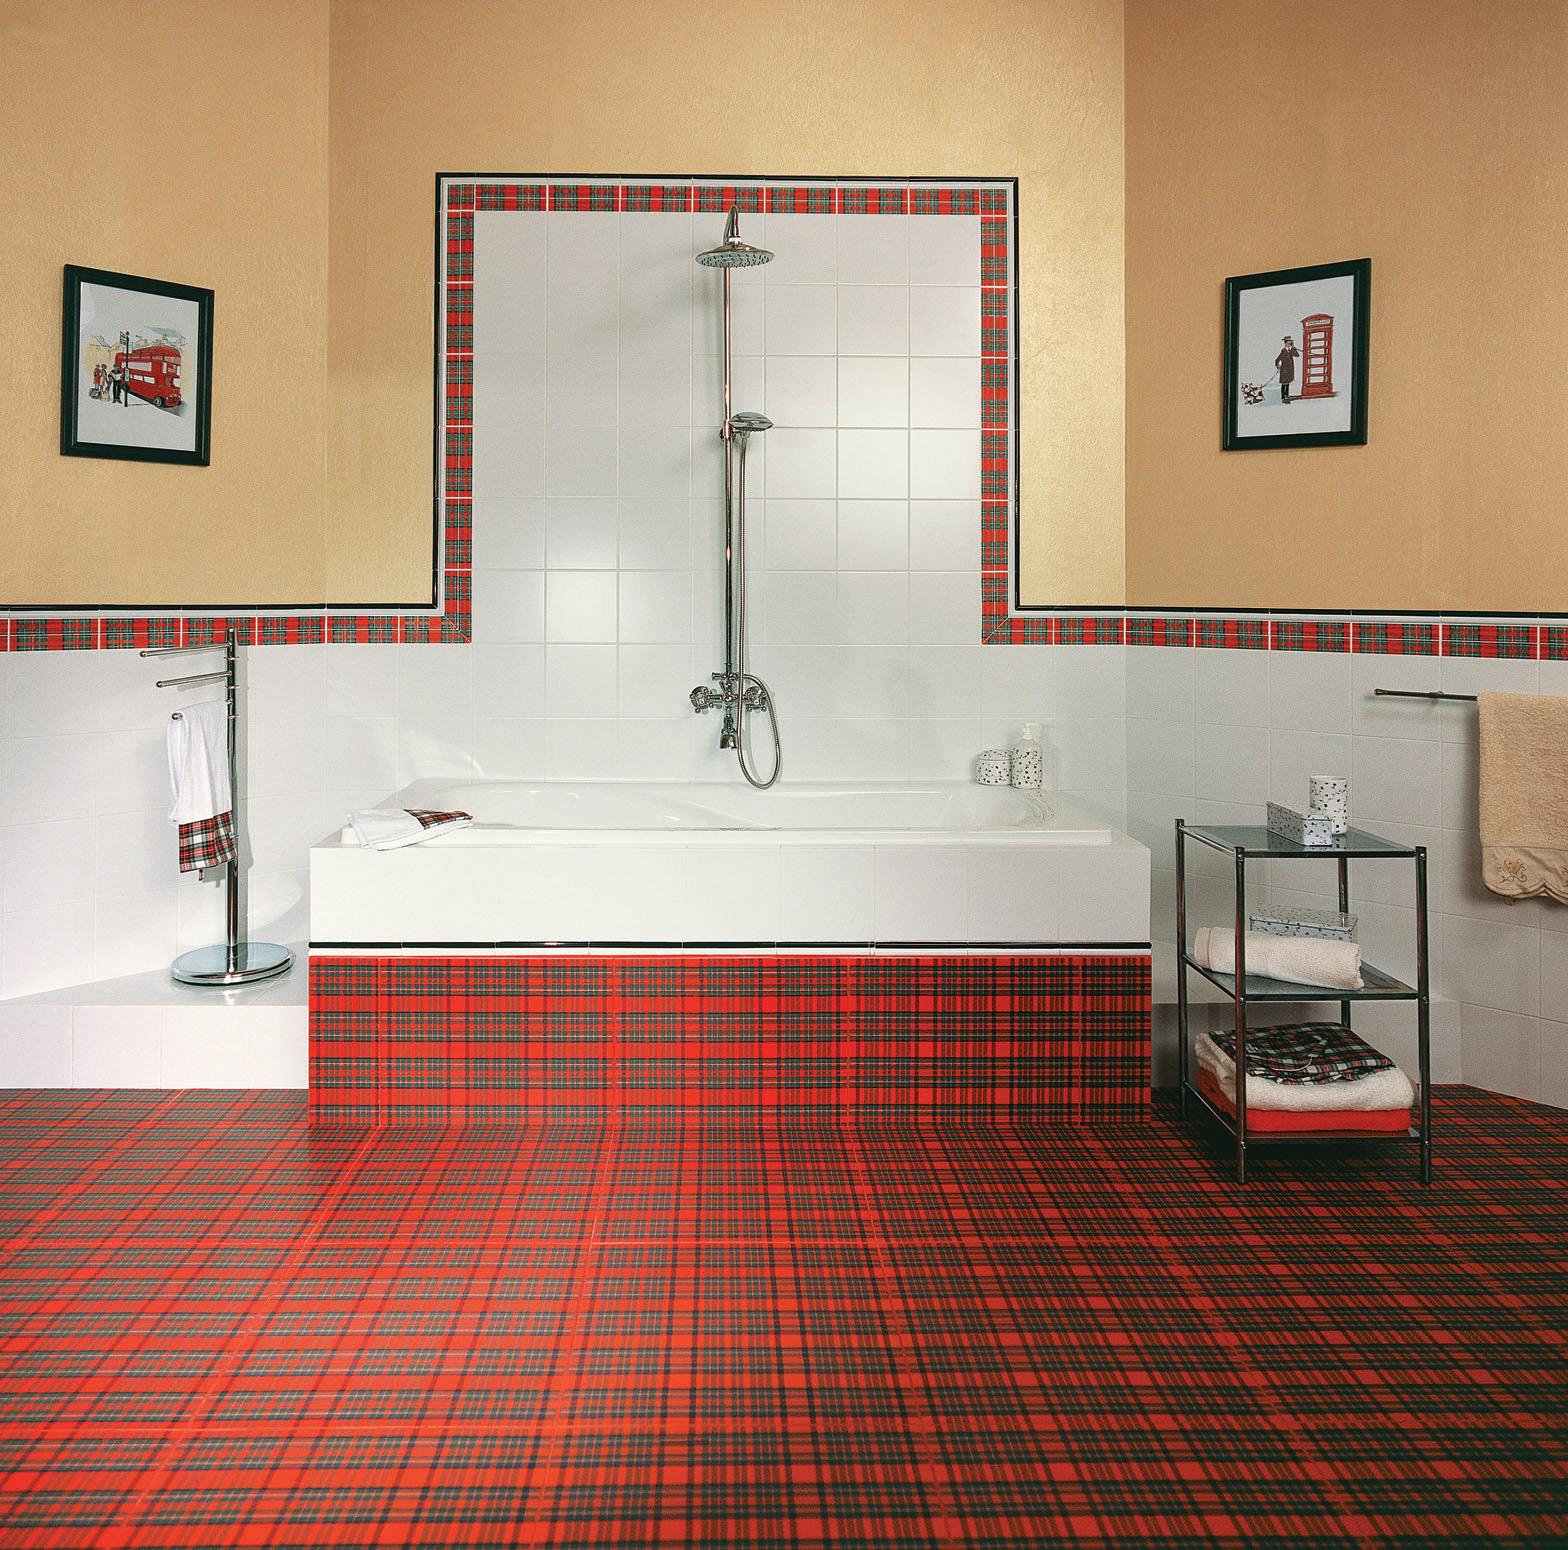 Необычная плитка в клетку в дизайне ванной